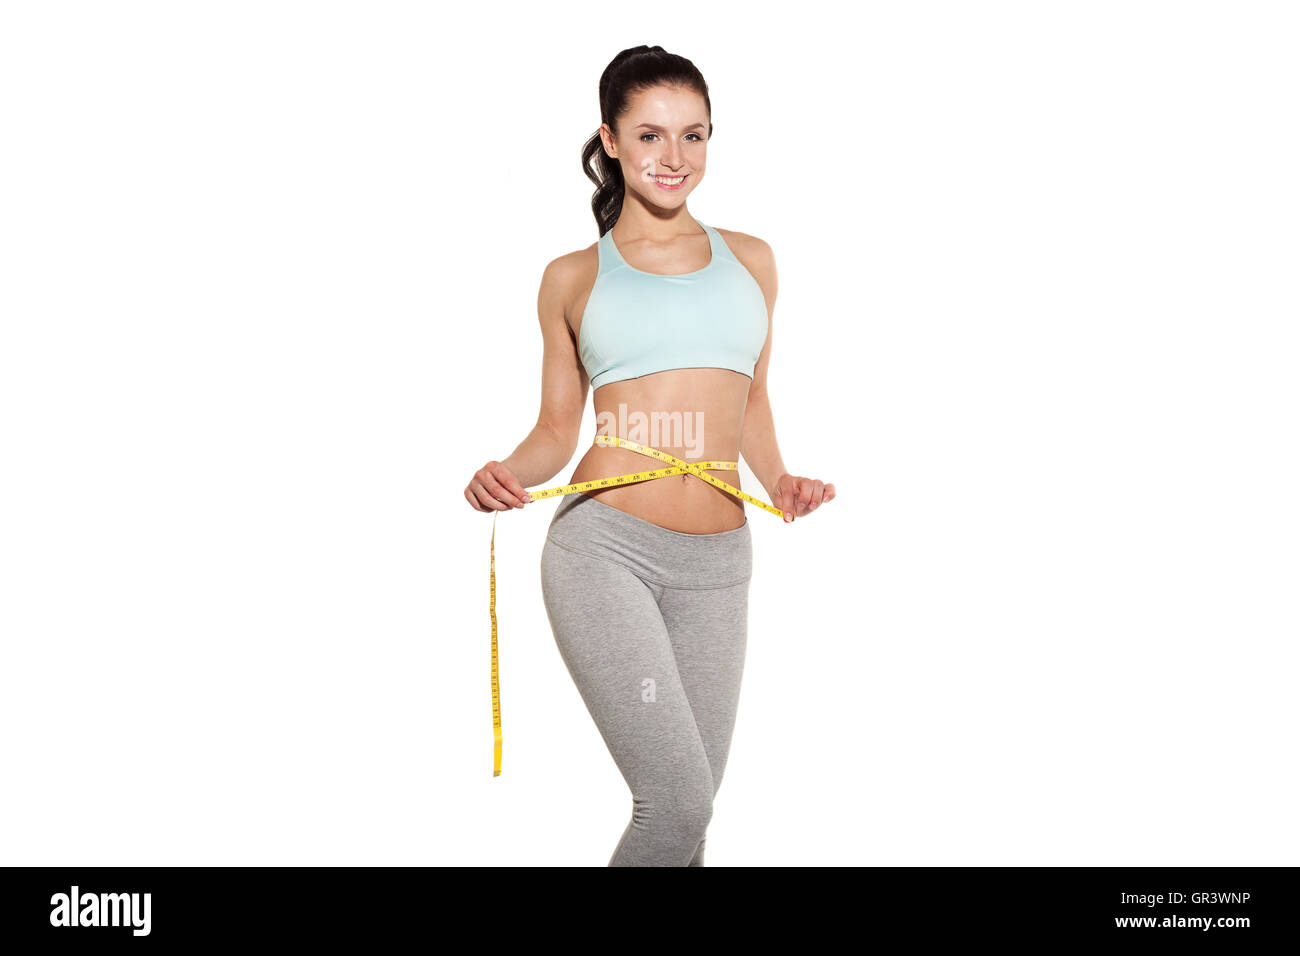 Gewichtsabnahme, Sport Mädchen messen ihre Taille, training in der Turnhalle, Workout Bauchmuskeln Stockbild